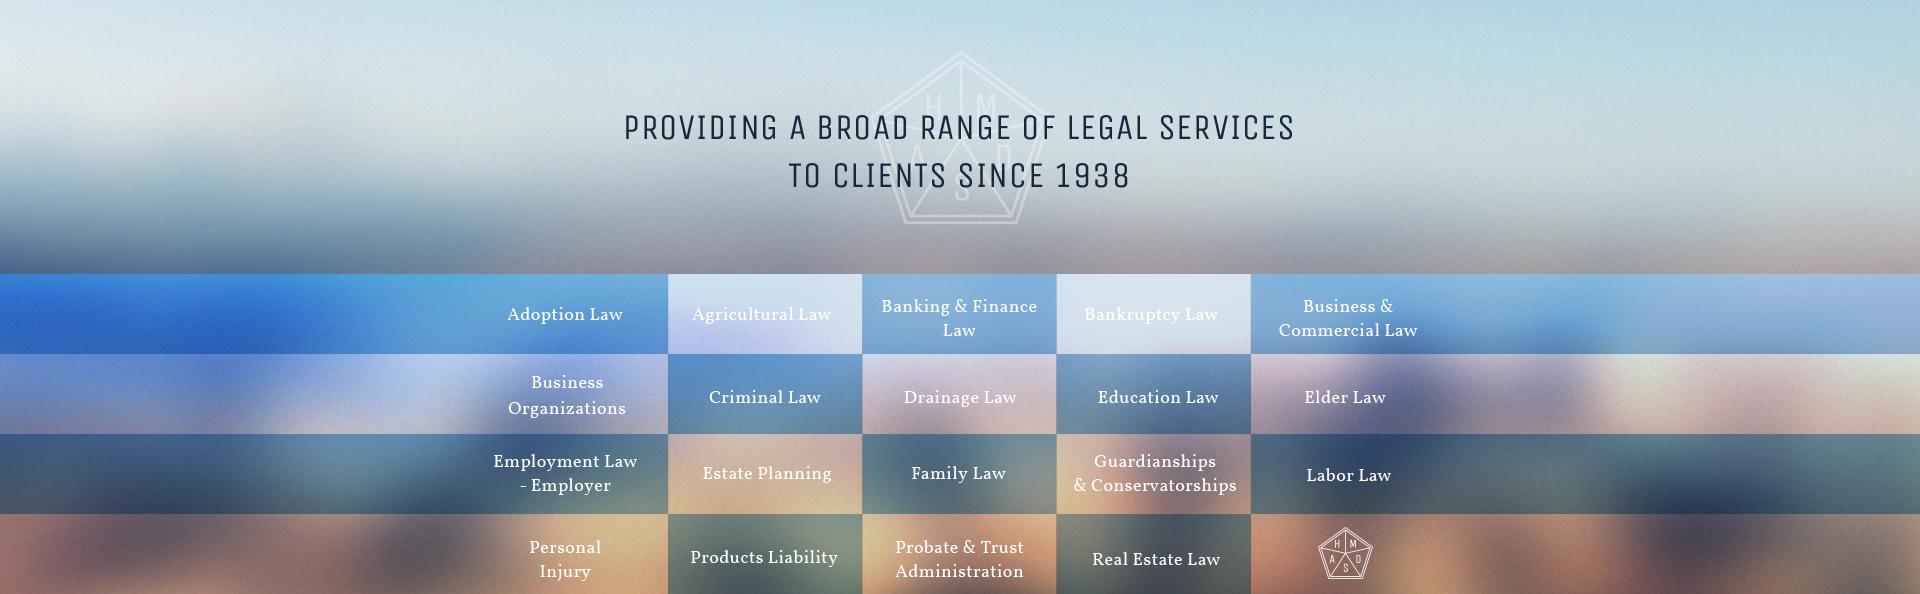 legalservices